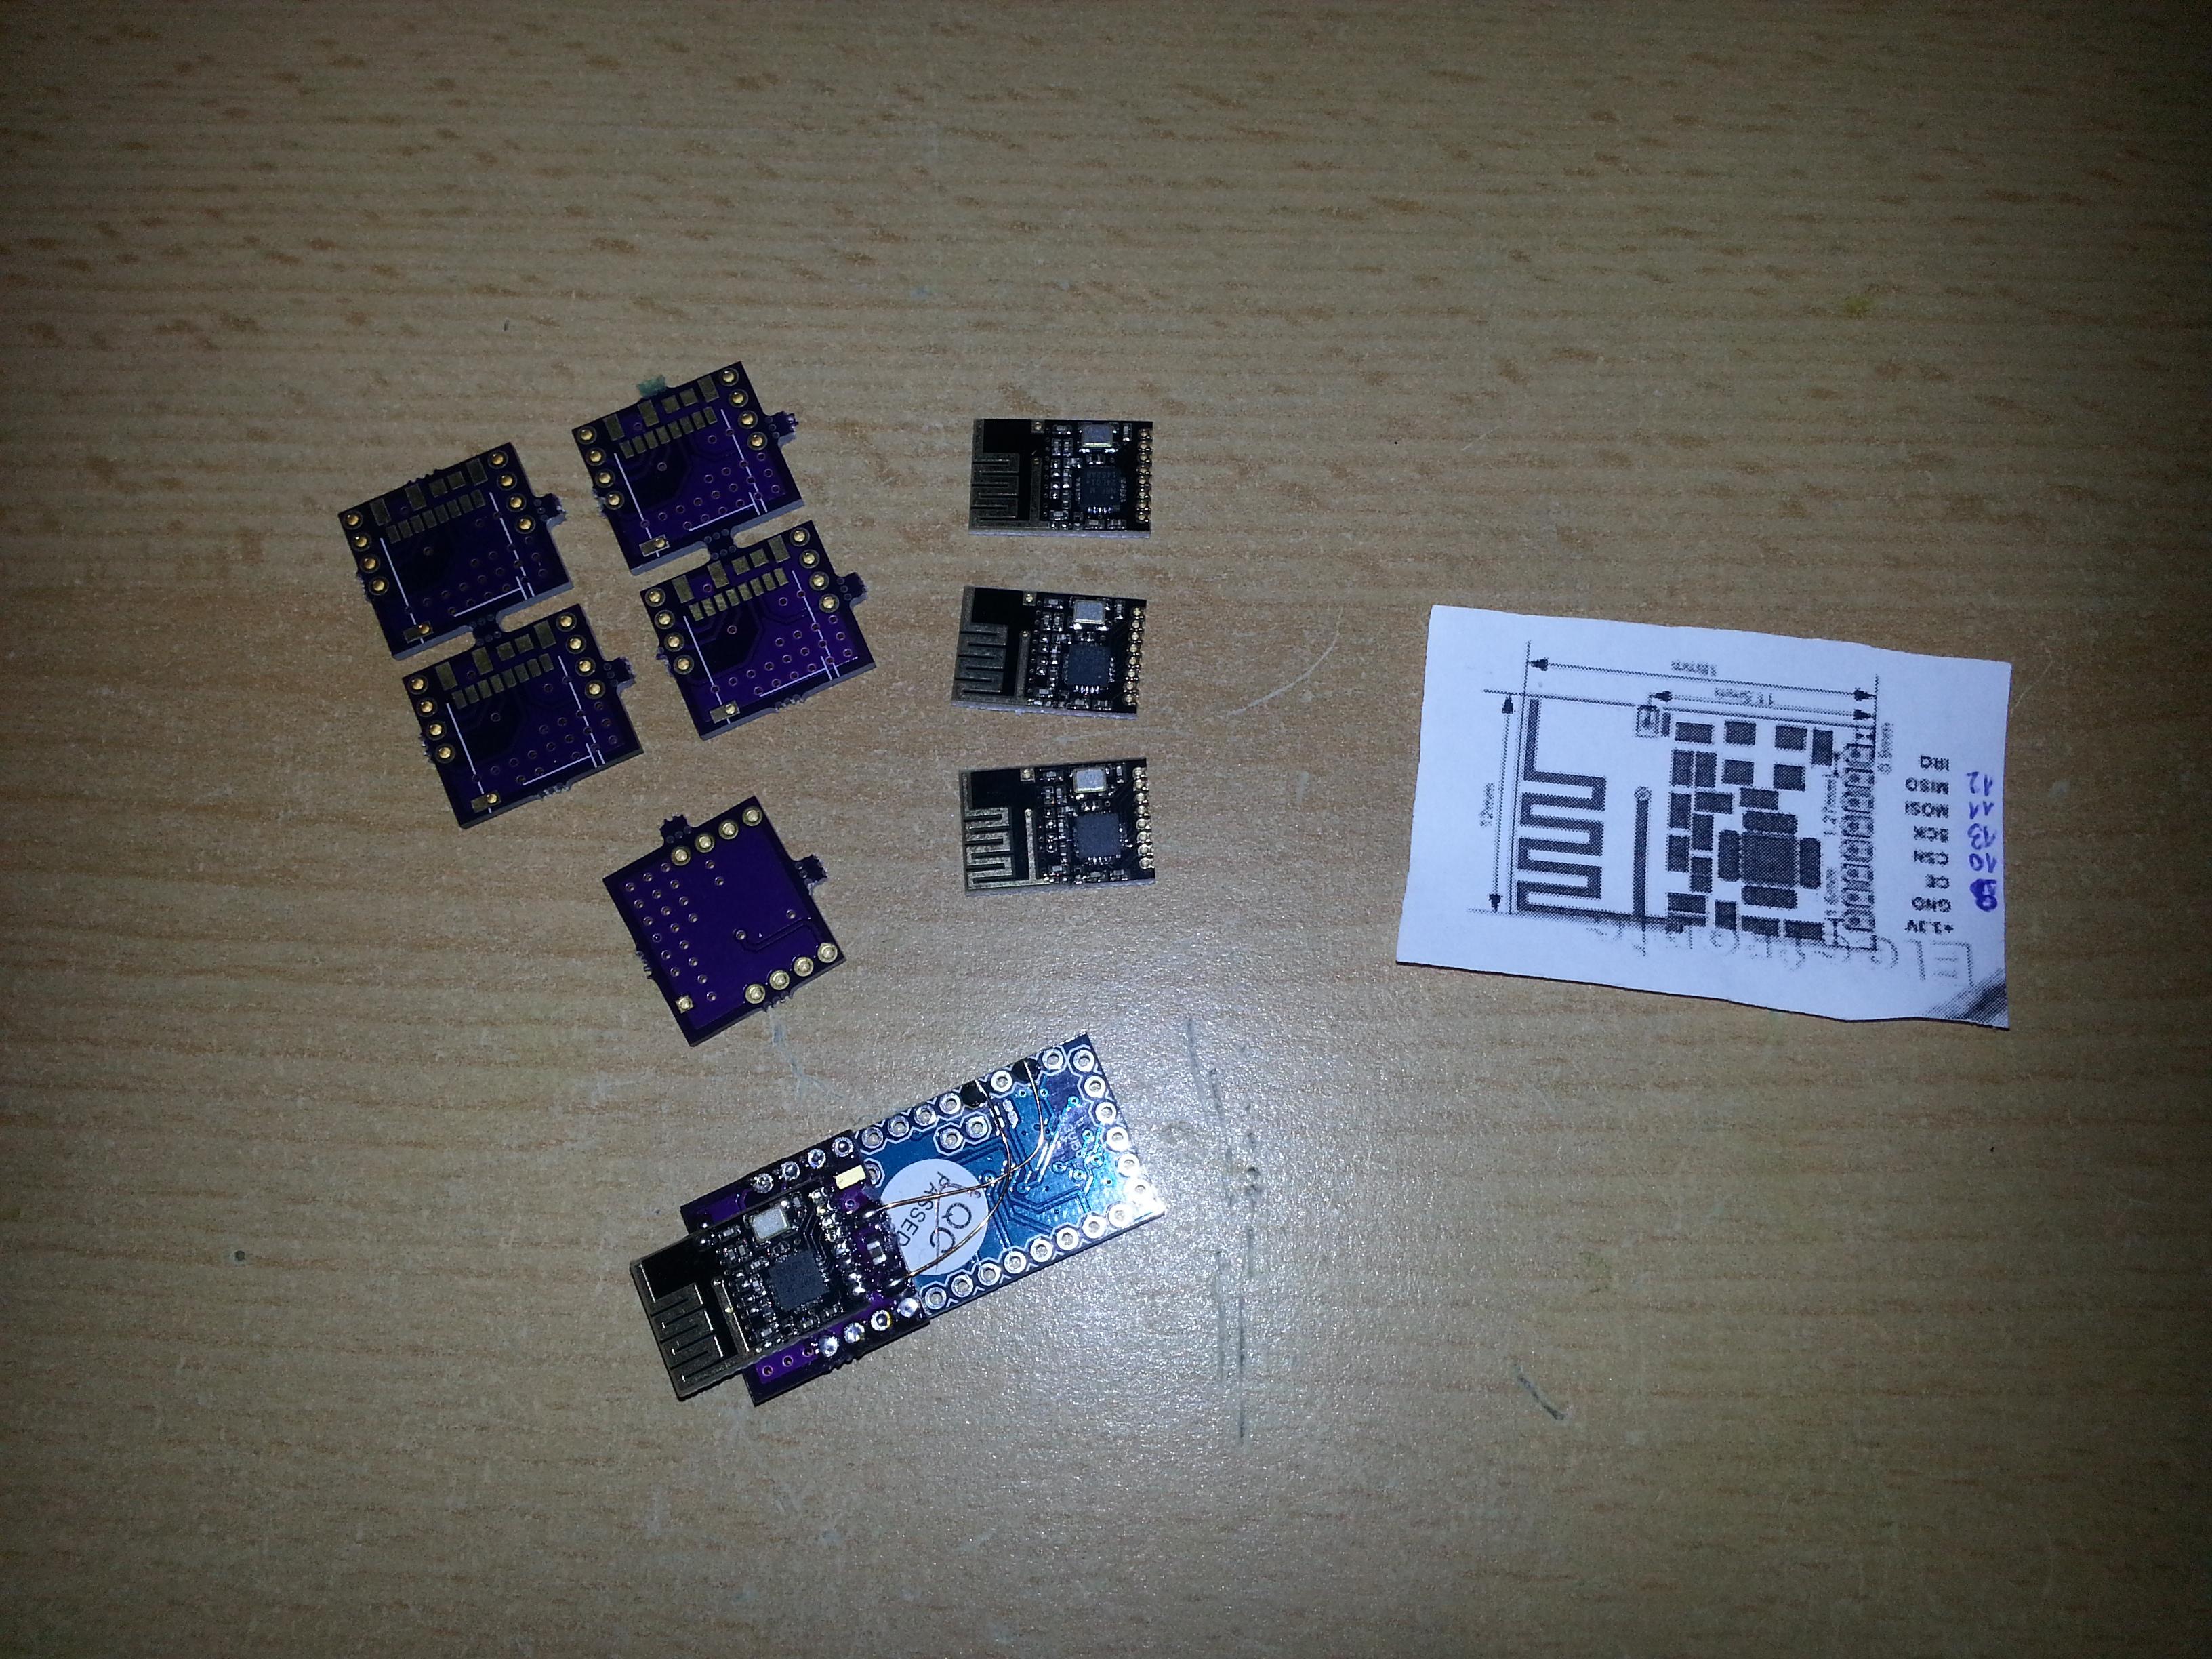 Arduino pro mini nrf l mm adapter thinkering